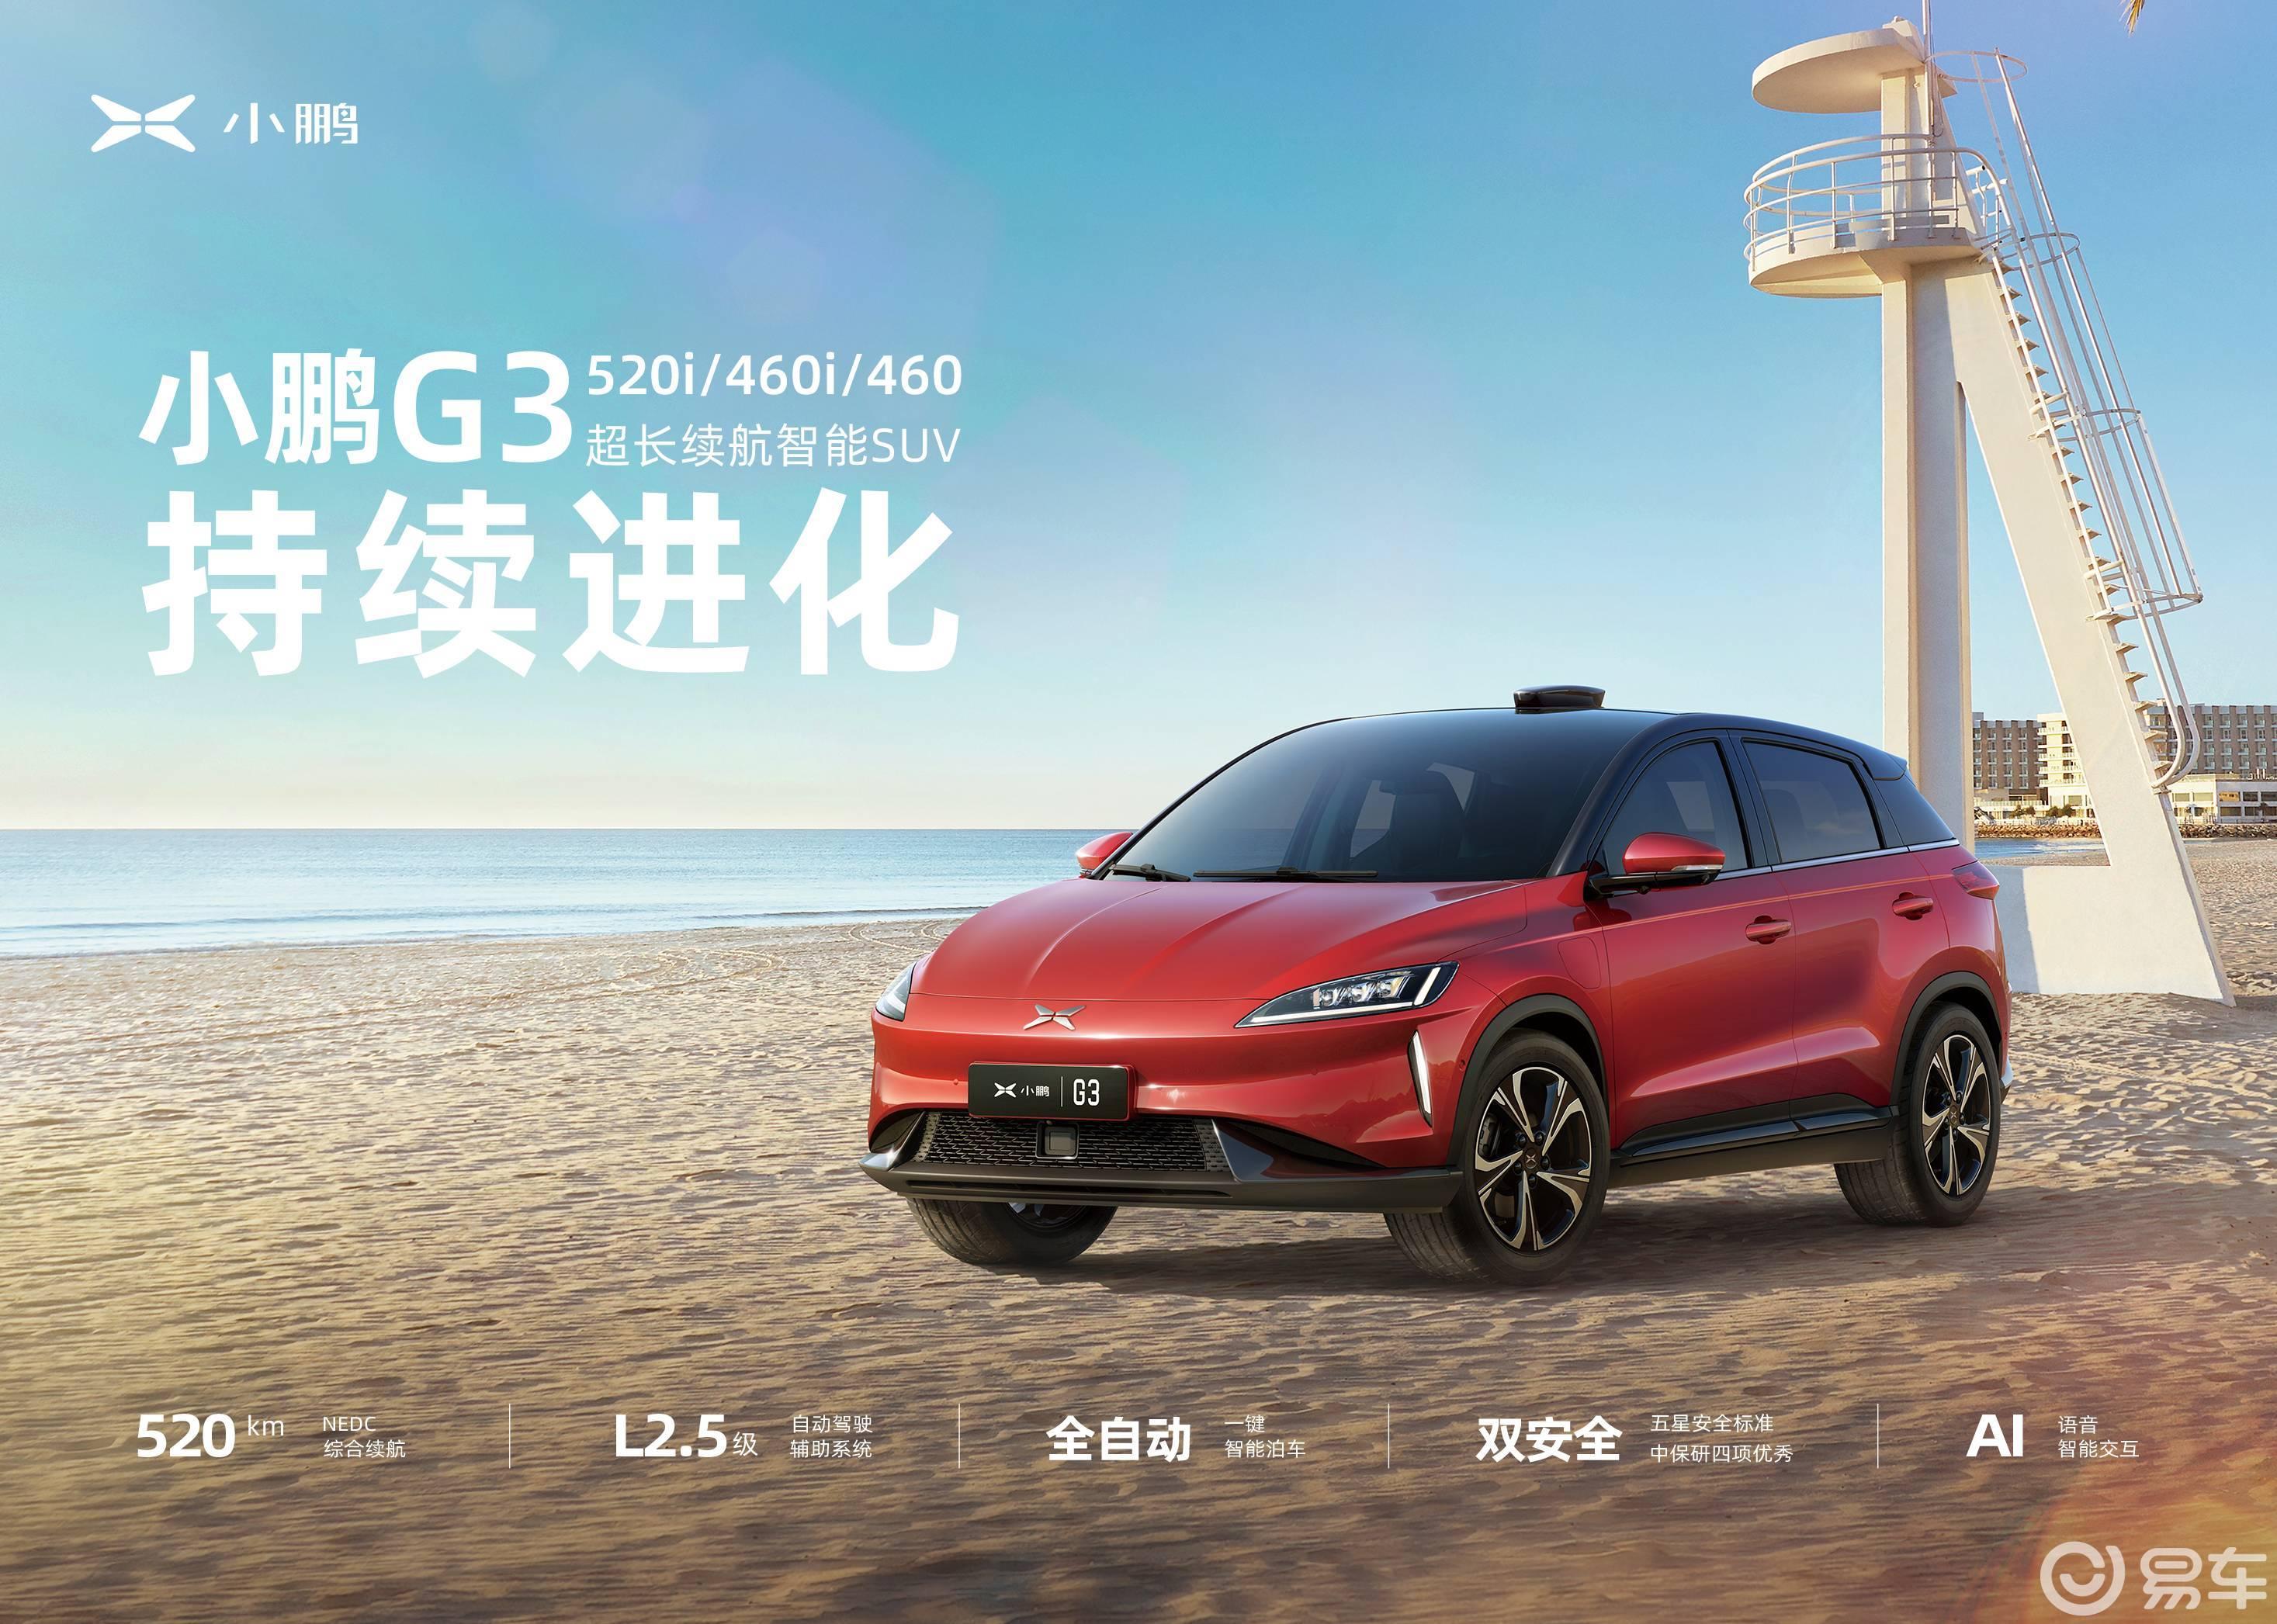 小鹏G3家族扩容,新增三个系列7款车型